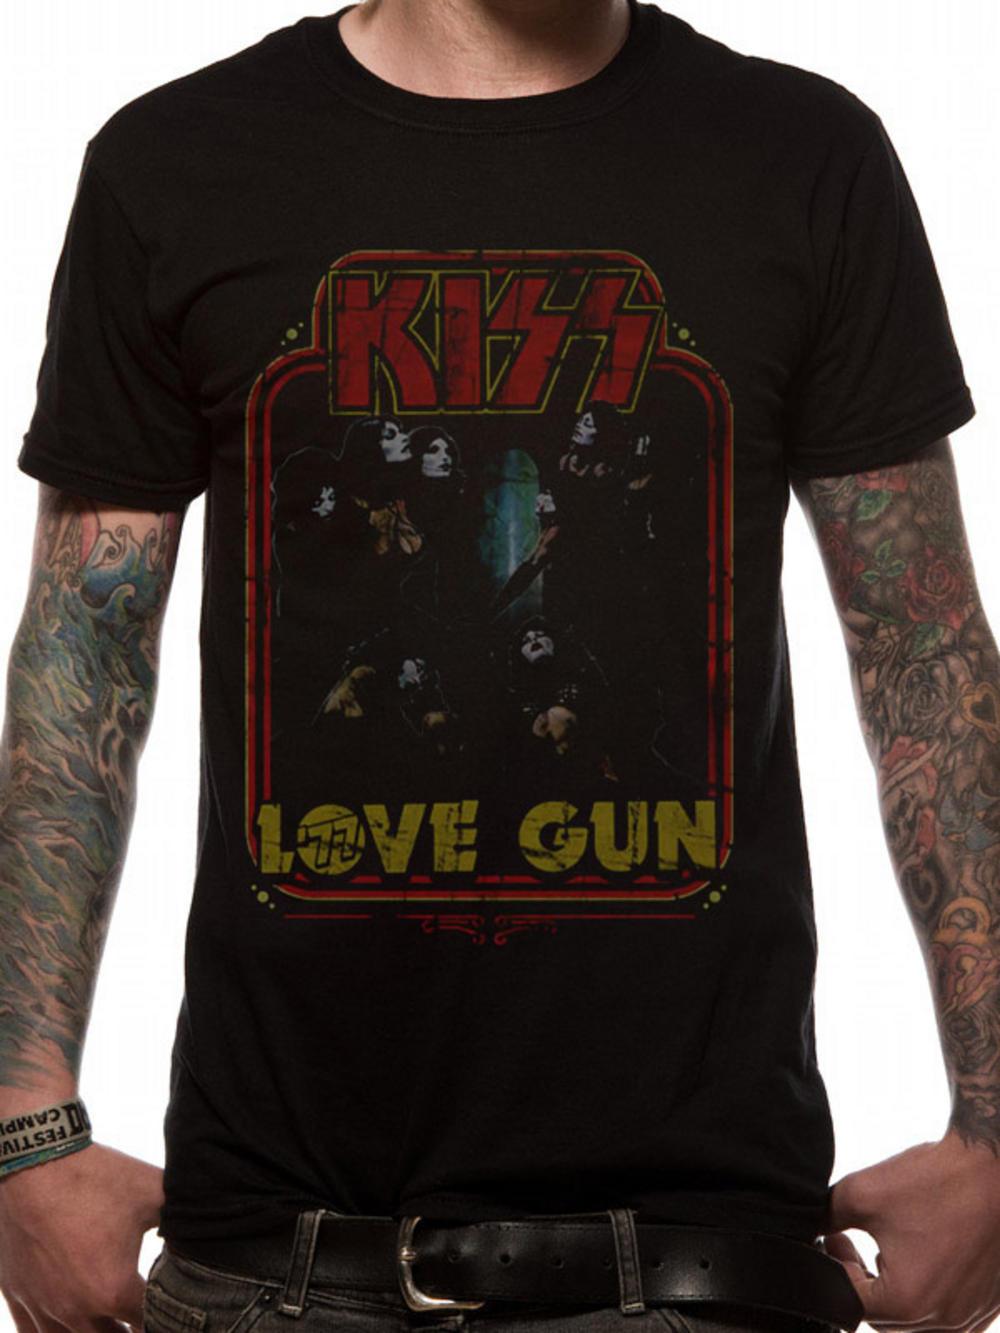 Kiss graphic t shirt tm shop for Graphic t shirt shop